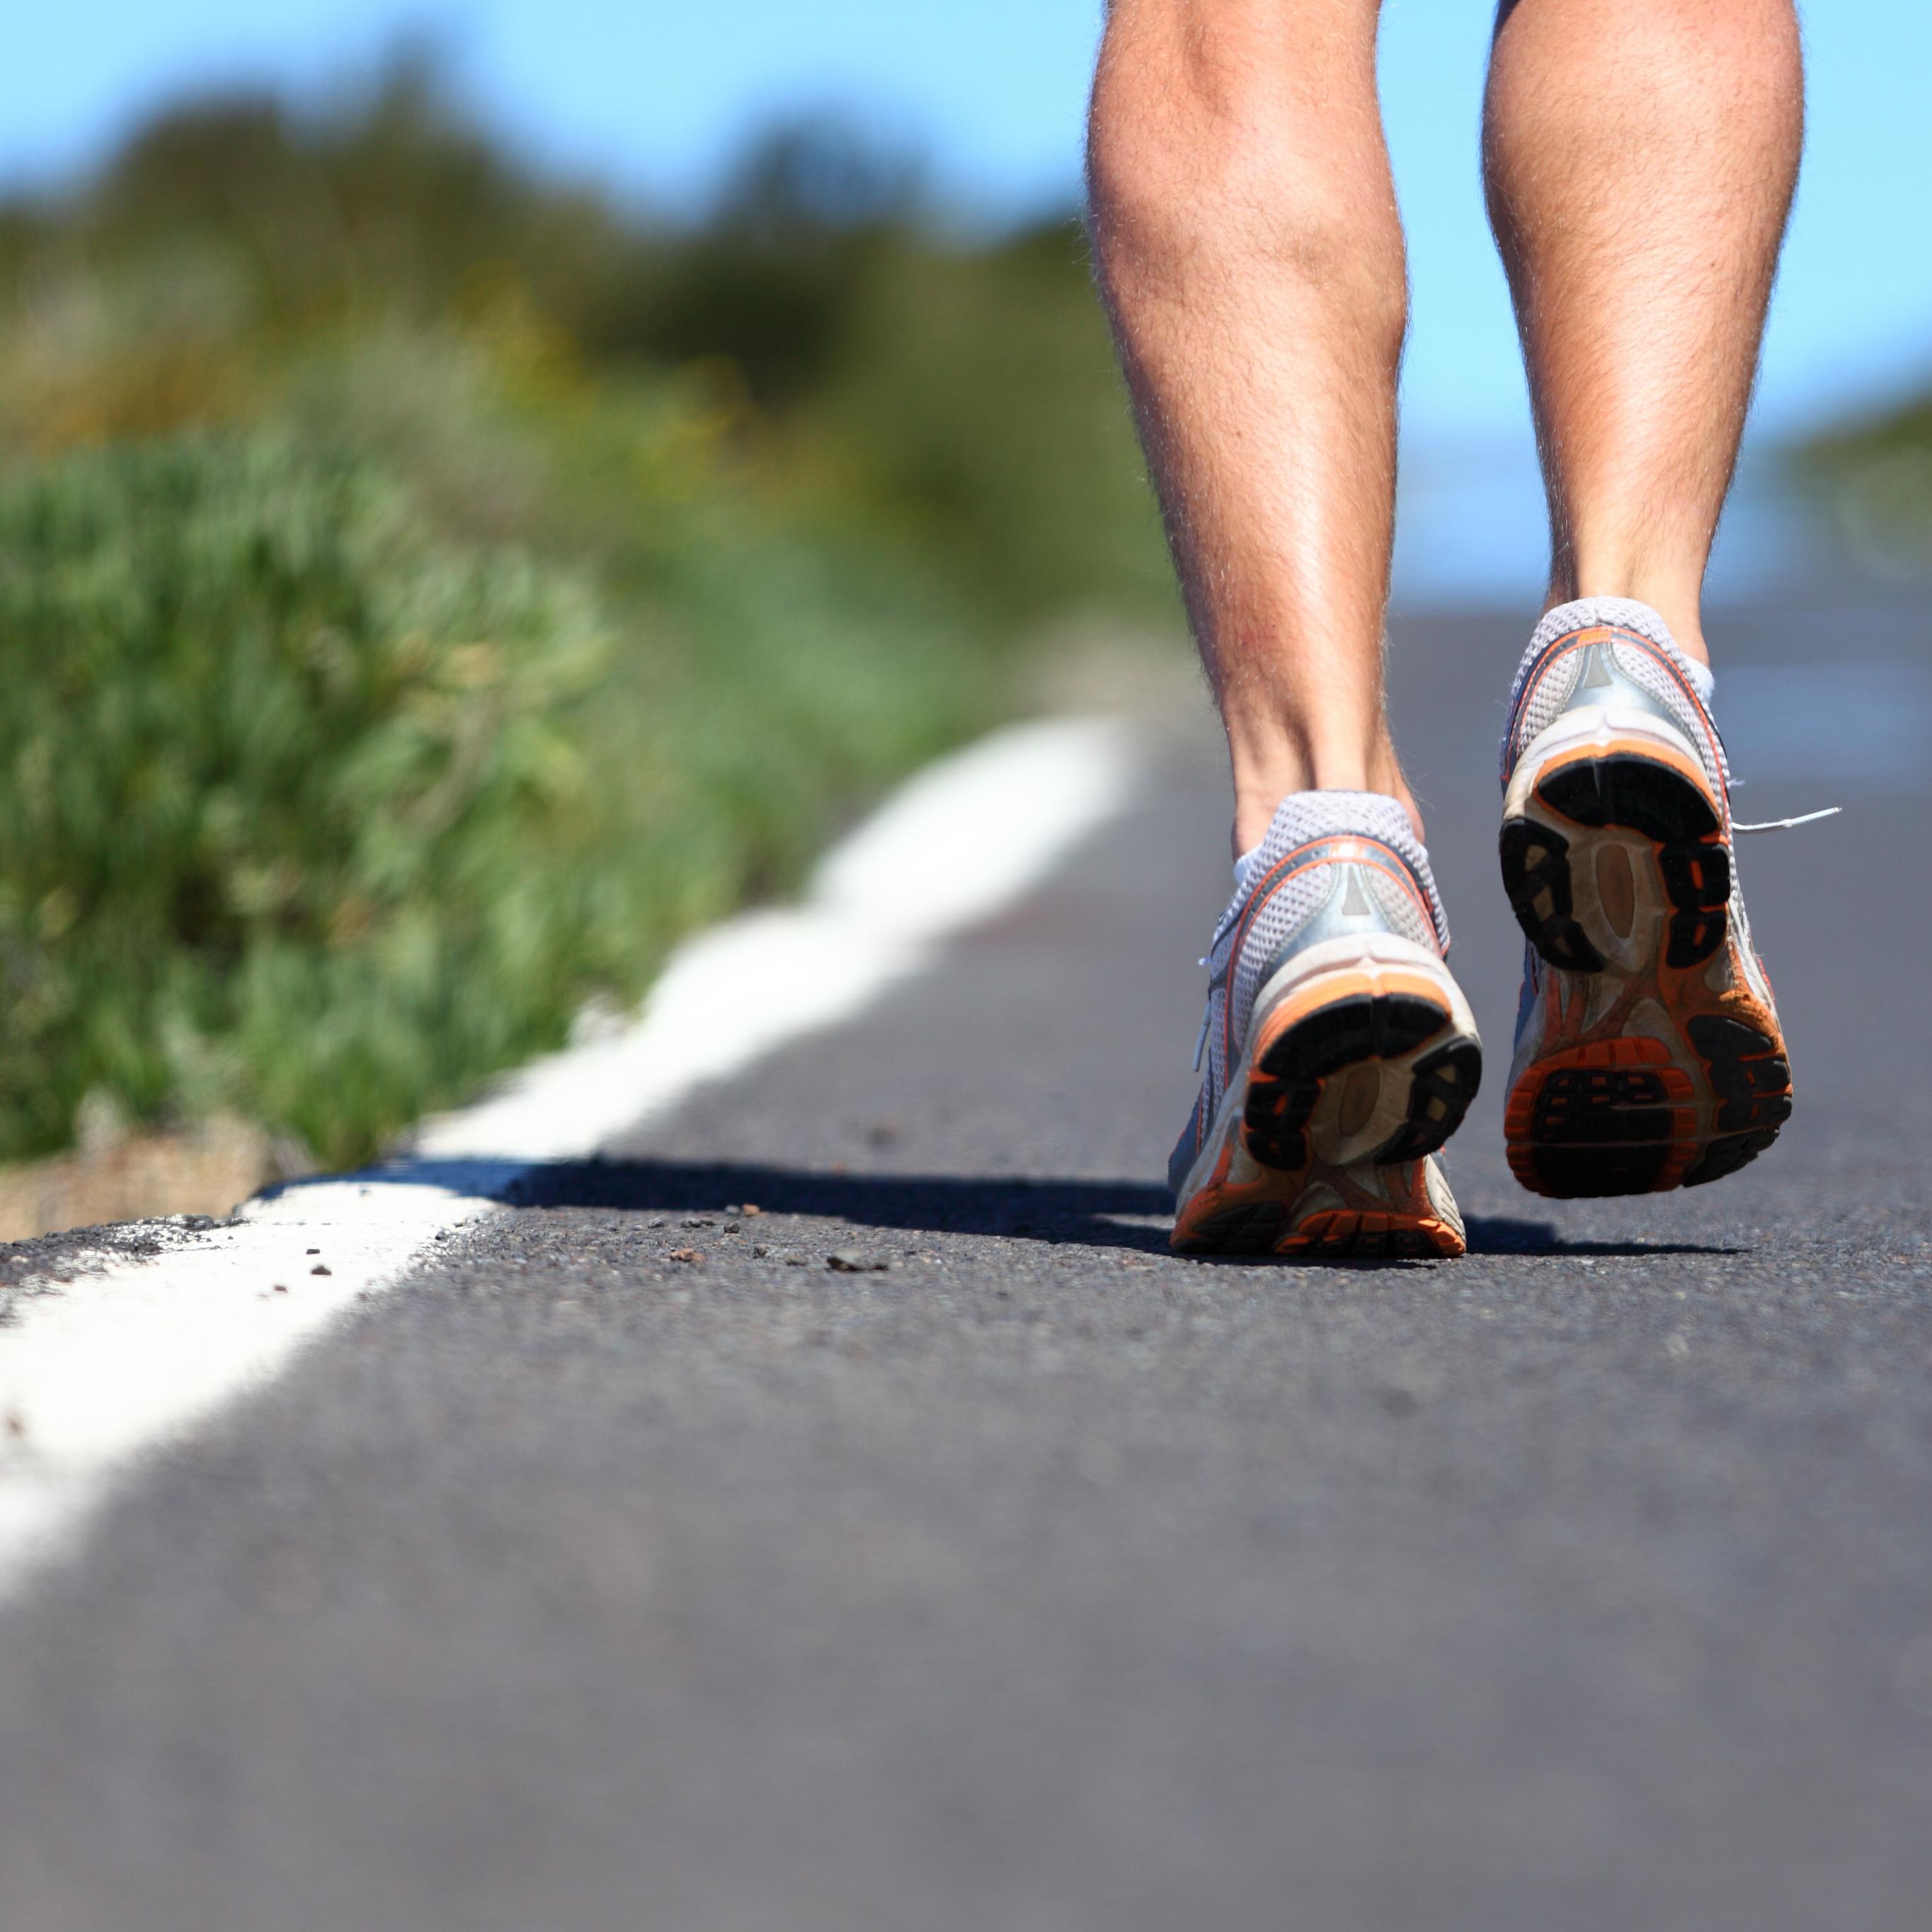 runner-powerlung